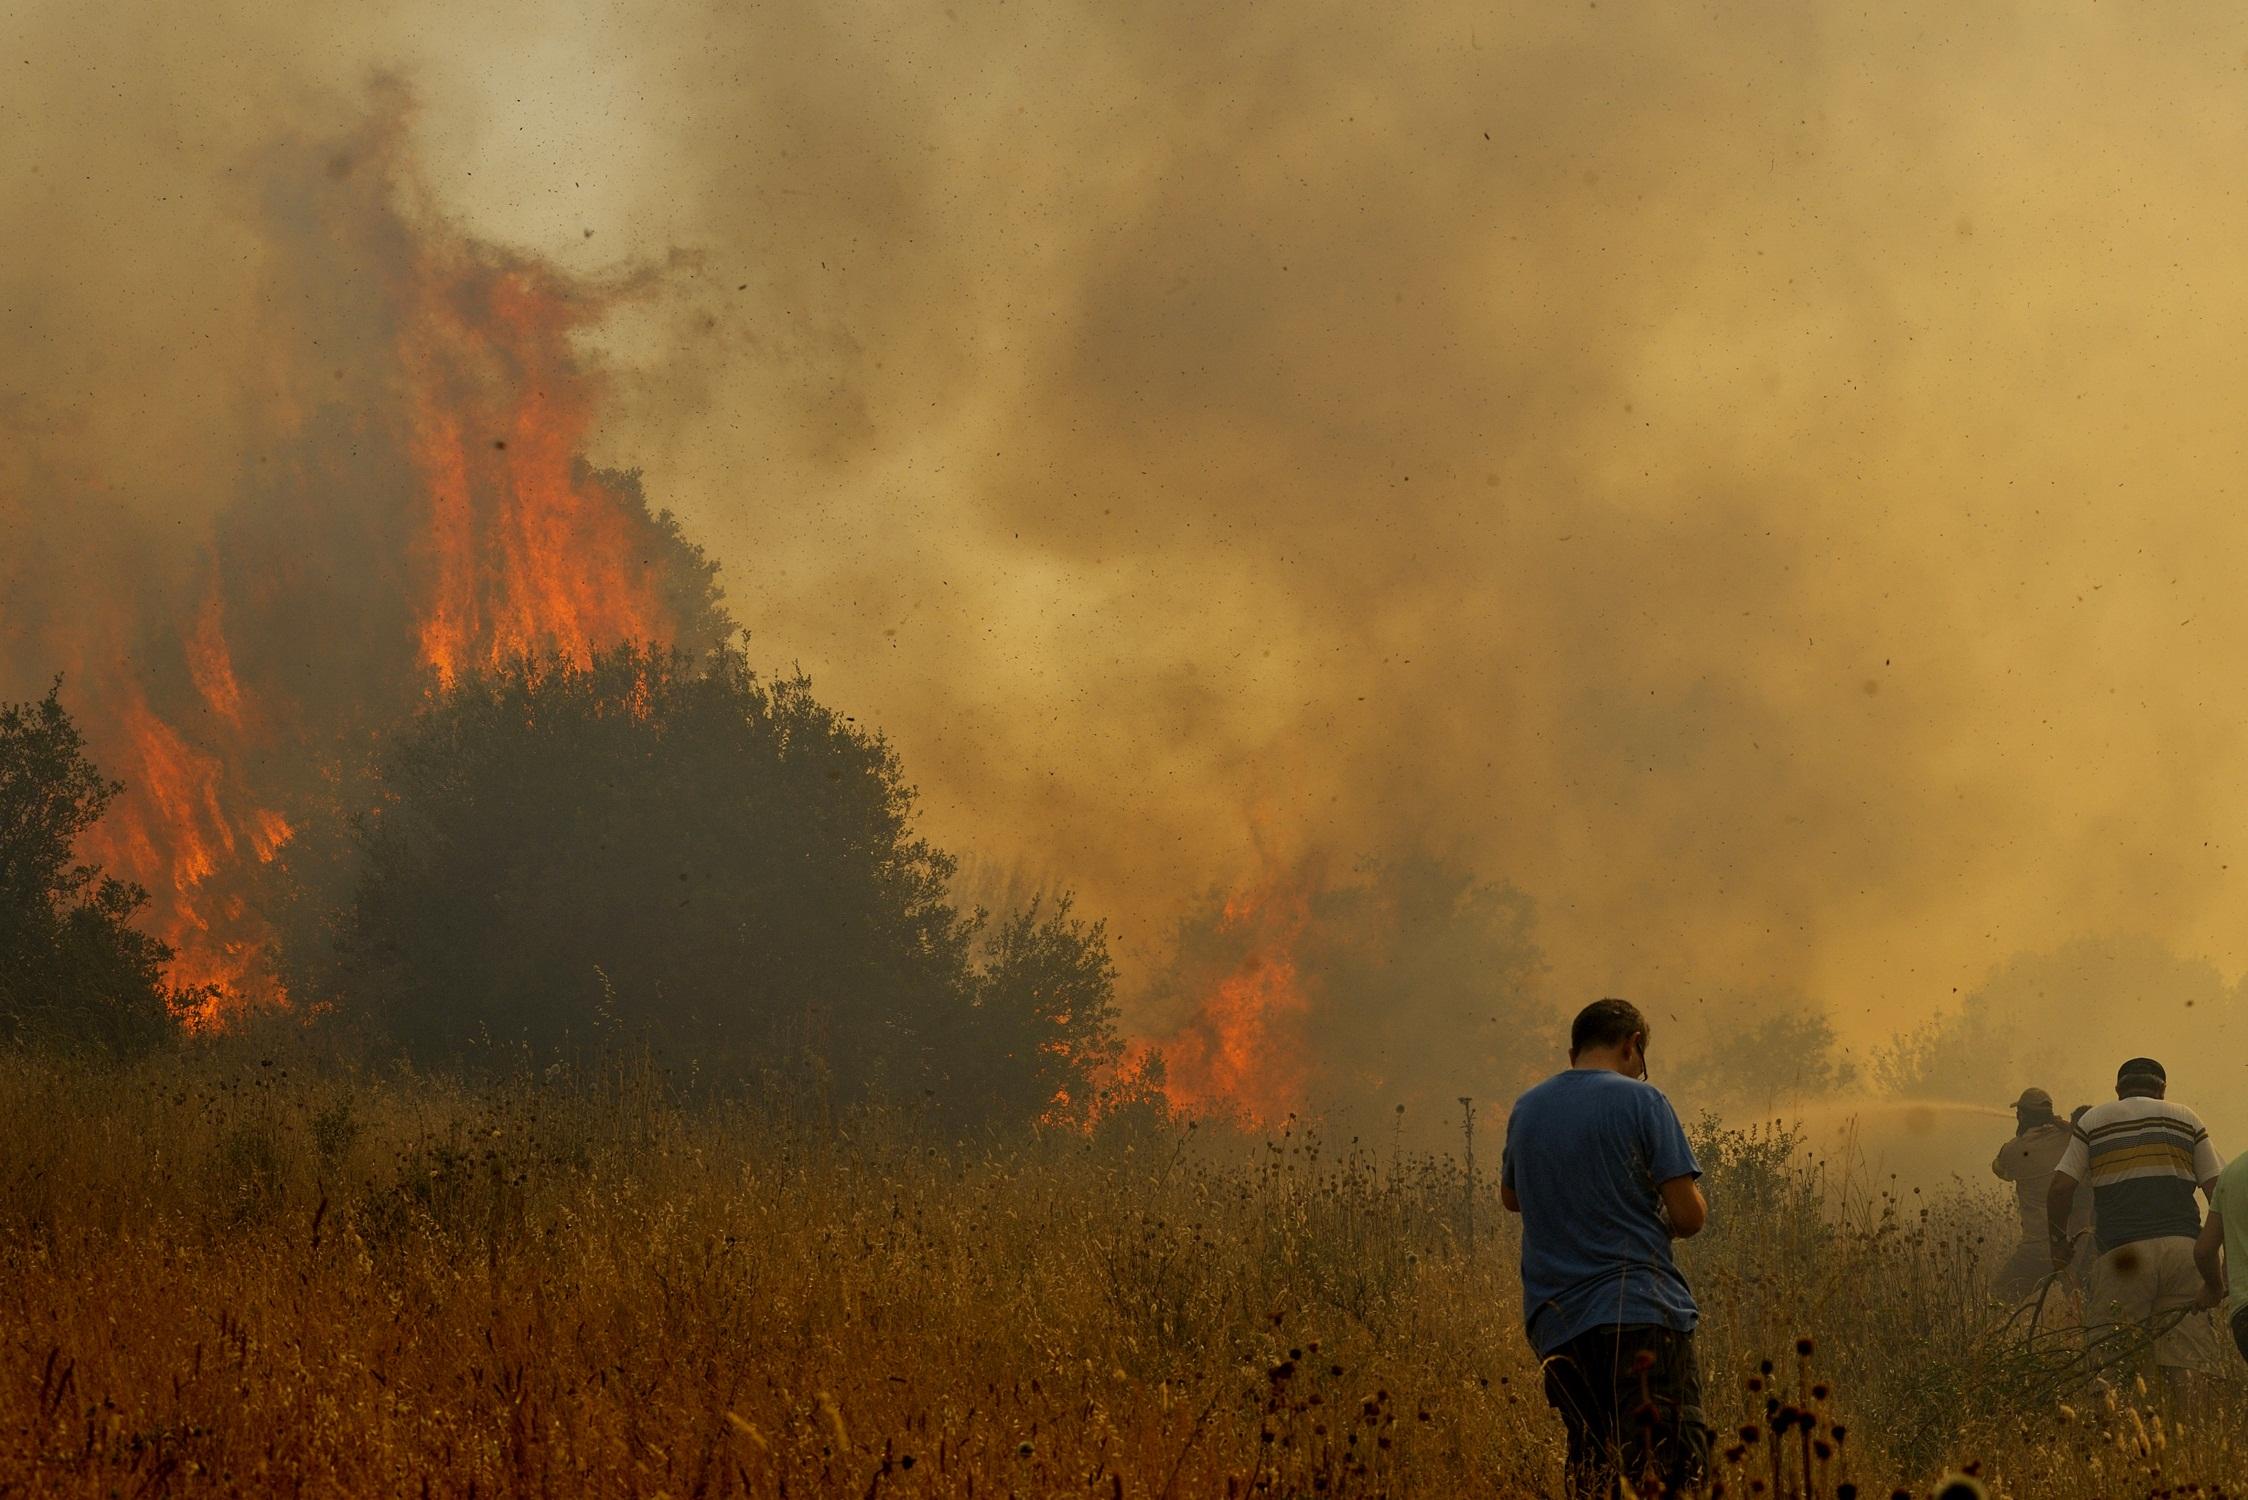 Πυροσβέστες και κάτοικοι της περιοχής προσπαθούν να ανακόψουν την πορεία της φωτιάς - ΦΩΤΟ EUROKINISSI